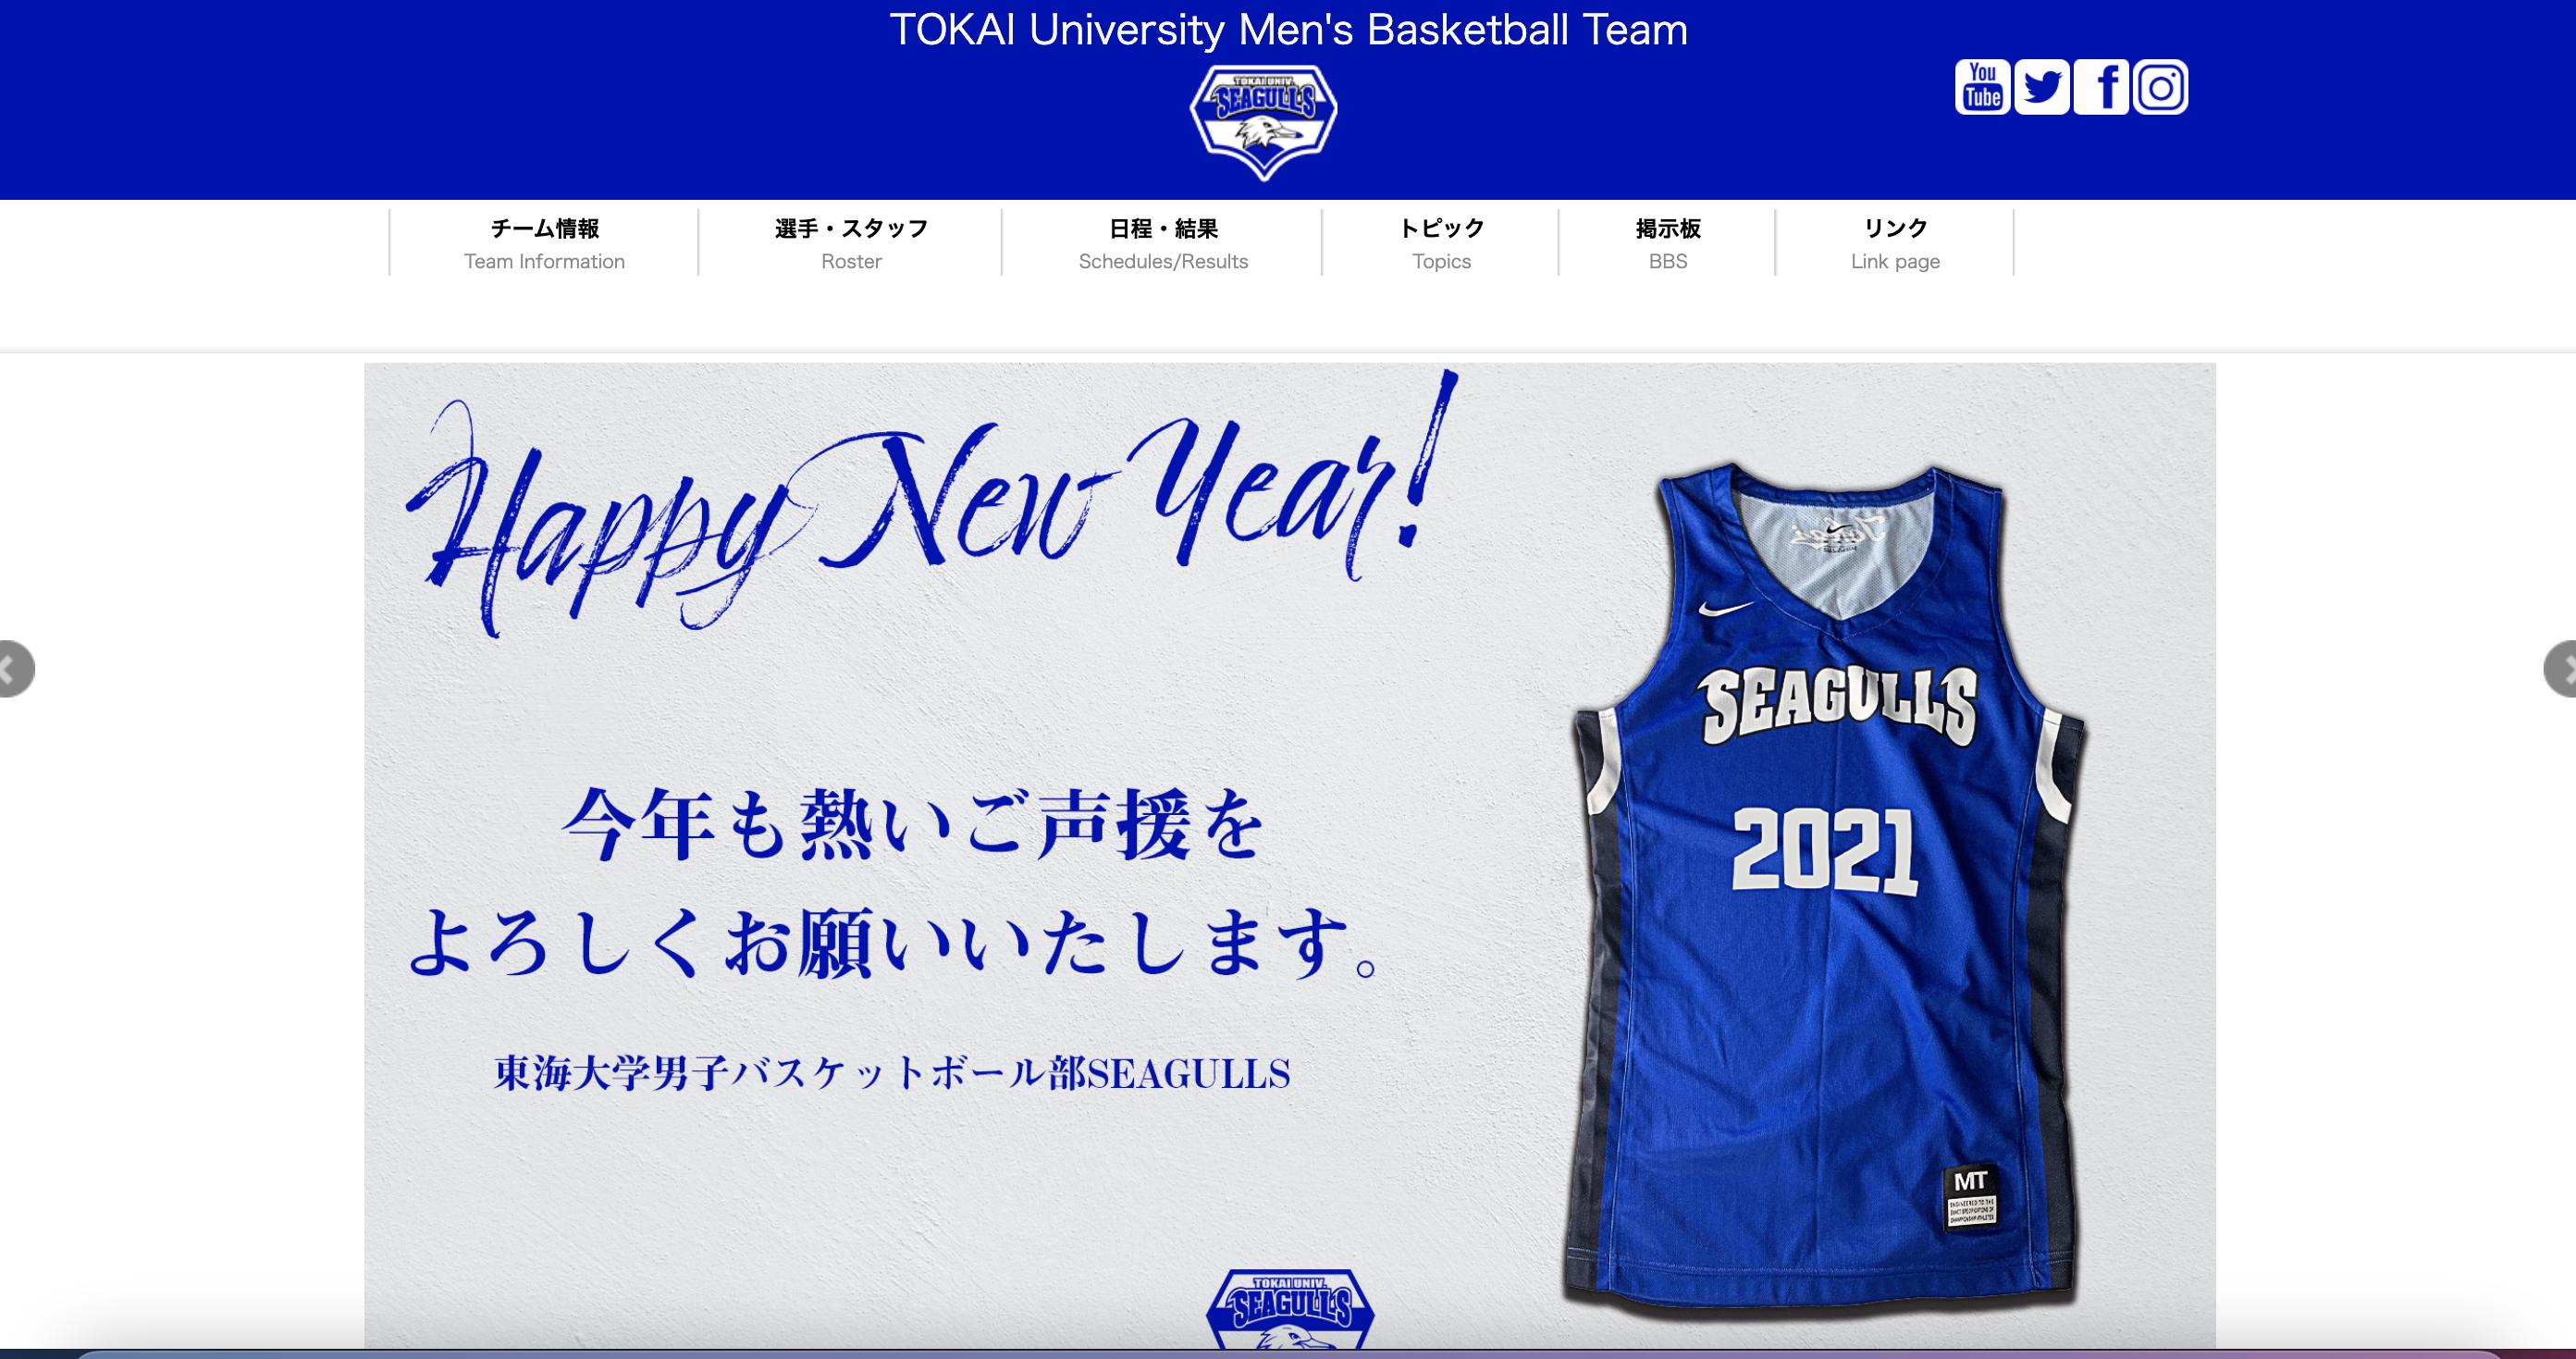 東海大学男子バスケットボール部